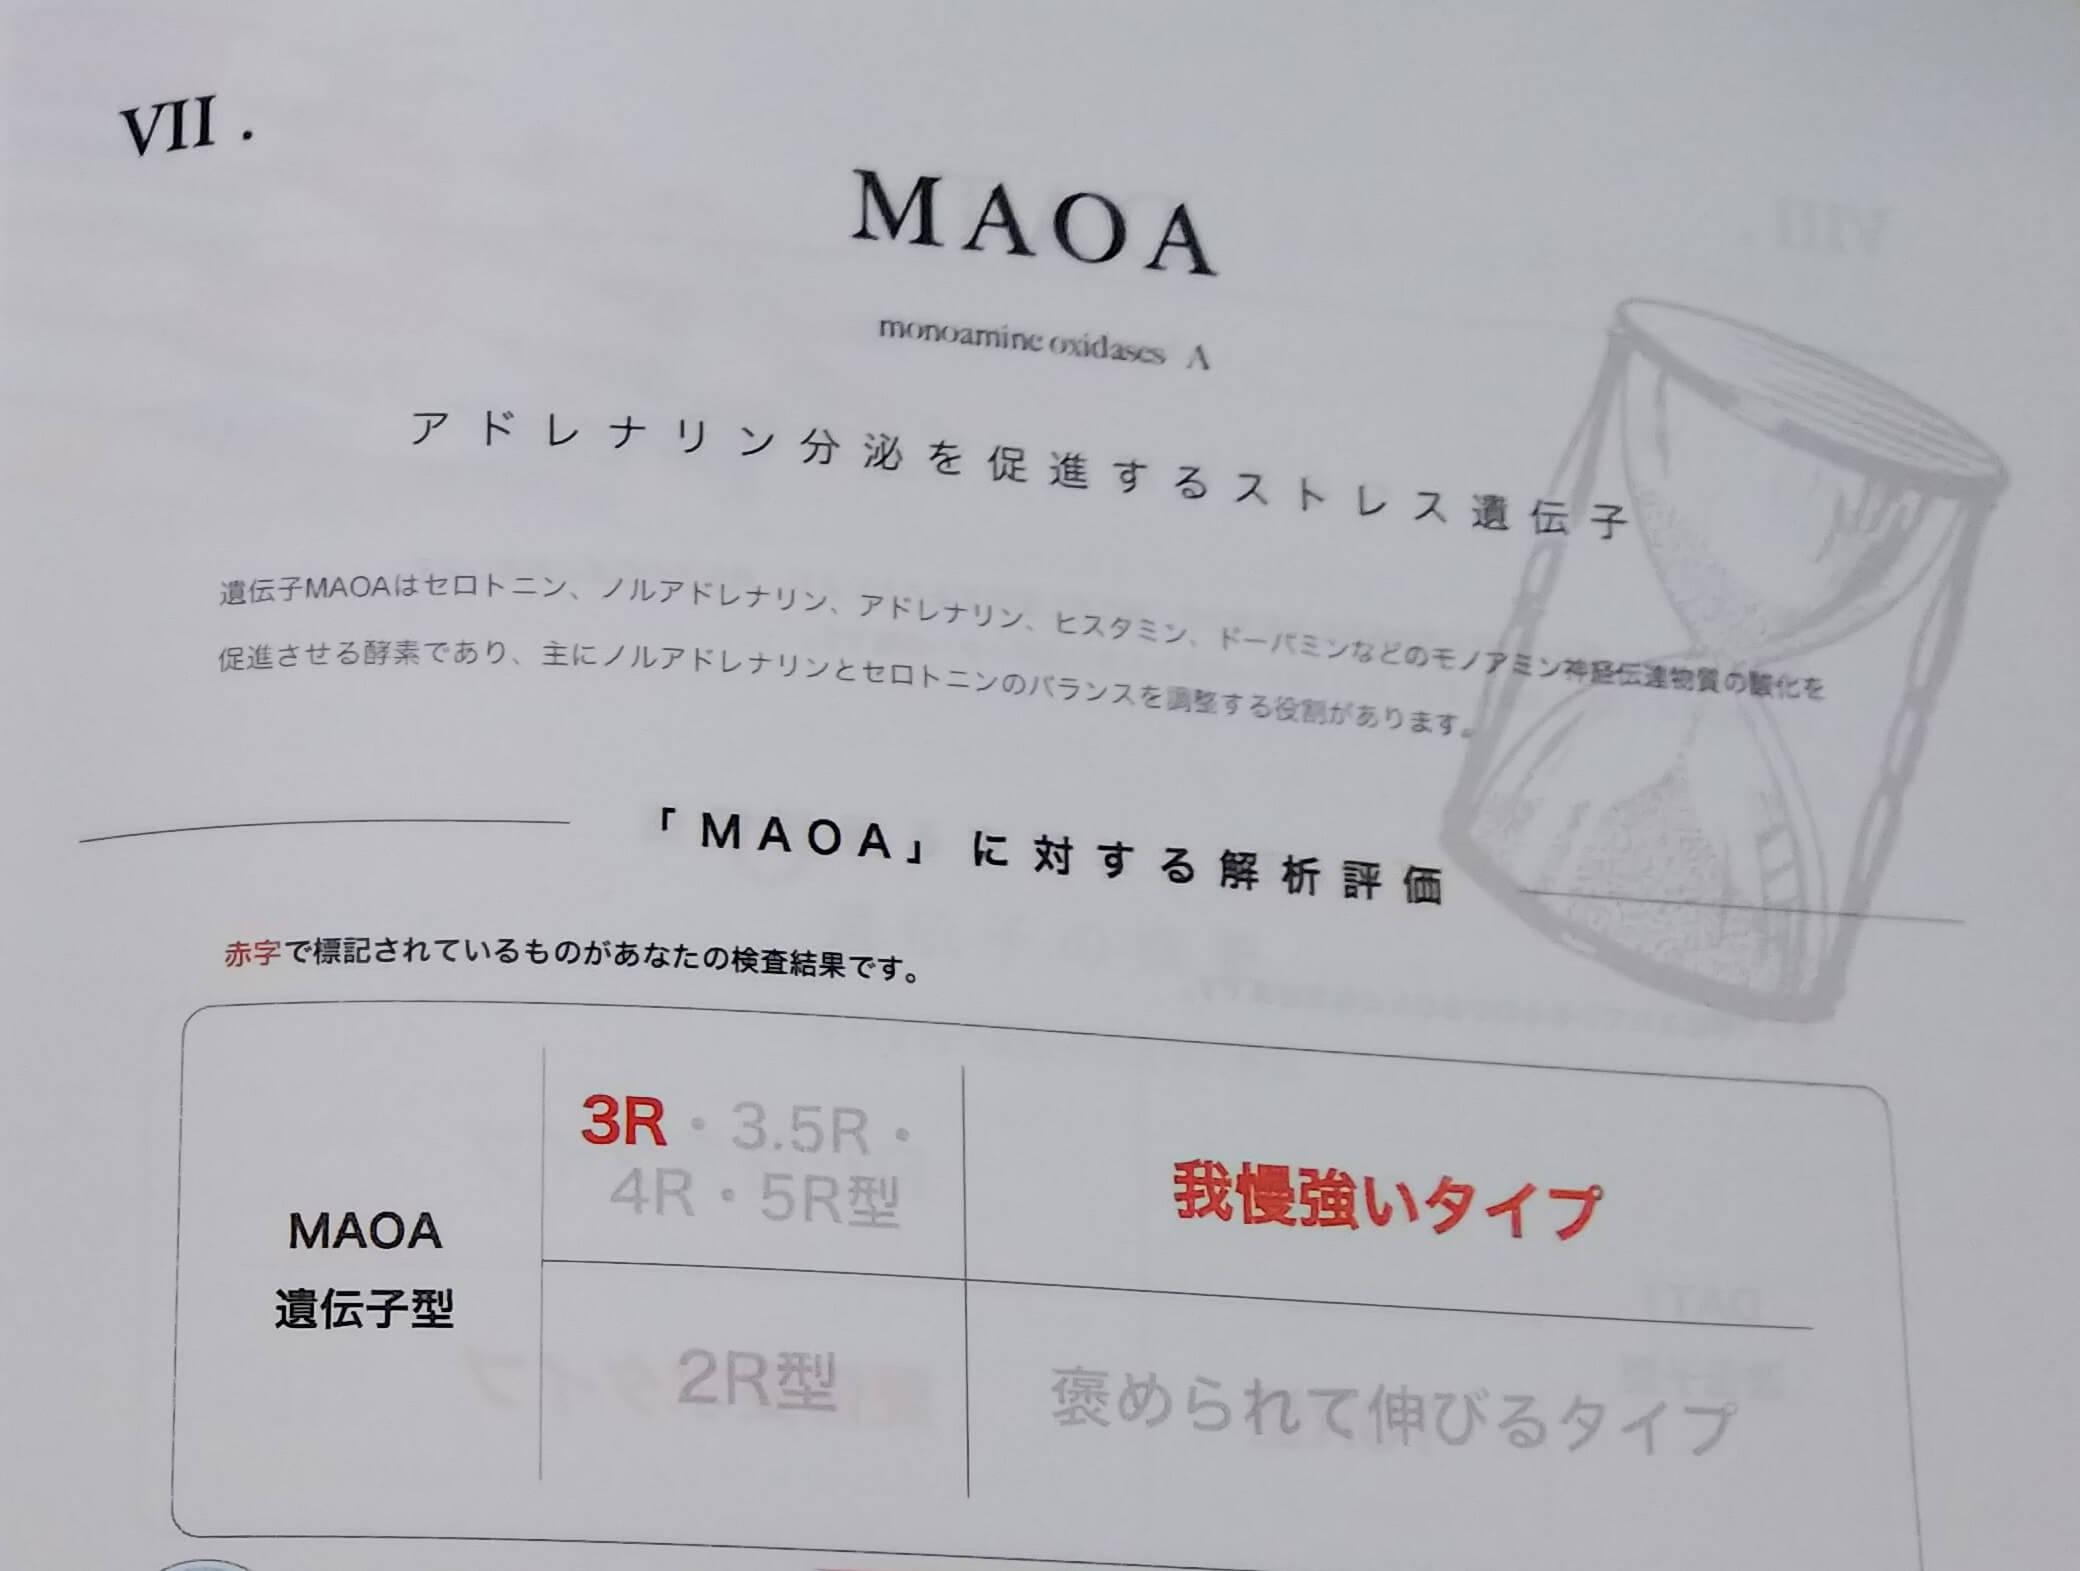 大人の能力遺伝子検査 アドレナリン分泌にかかわるストレス遺伝子(MAOA)の検査結果